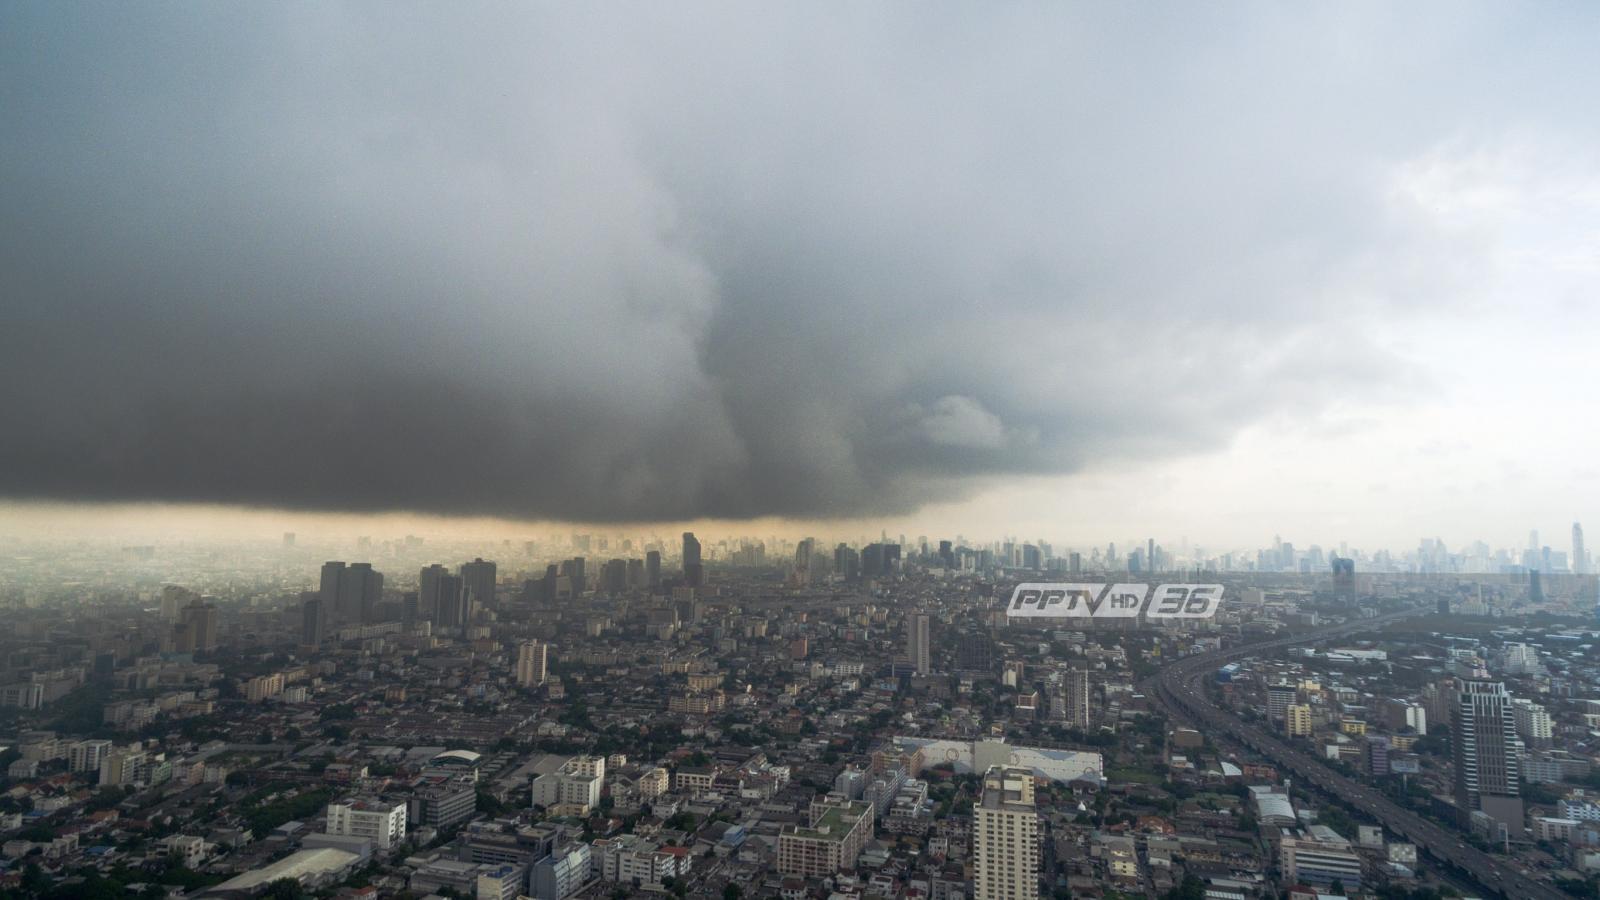 """พยากรณ์อากาศ """"เหนือ-กลาง-ตะวันออก"""" ระวังฝนตกสะสม กทม.มีฝนฟ้าคะนองร้อยละ 60"""